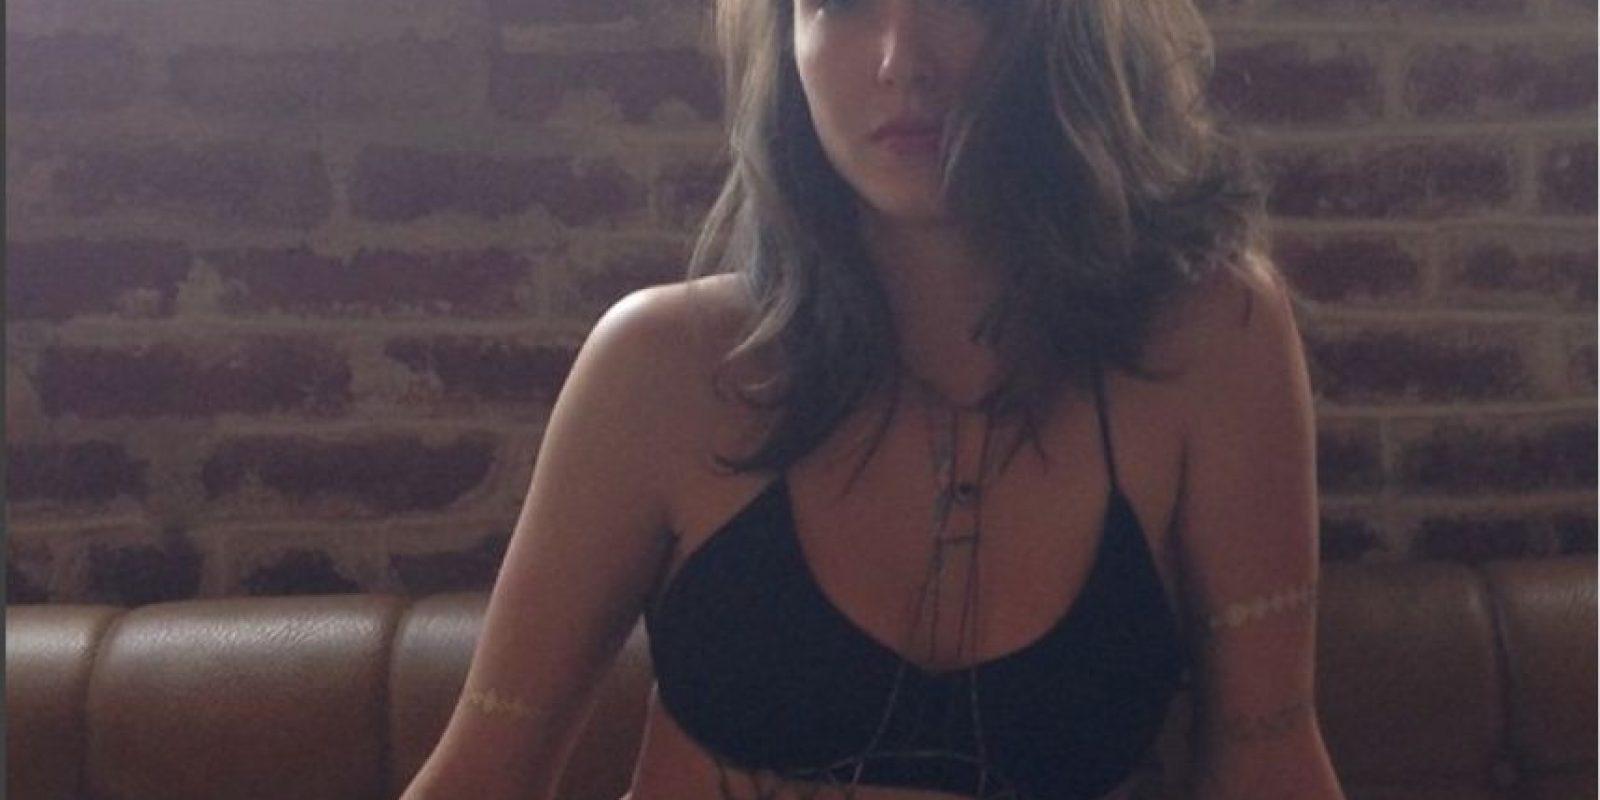 Malena Morgan fue quien decidió denunciar a su acosador Brian Blankenship Foto:Vía Instagram @malenamorgan